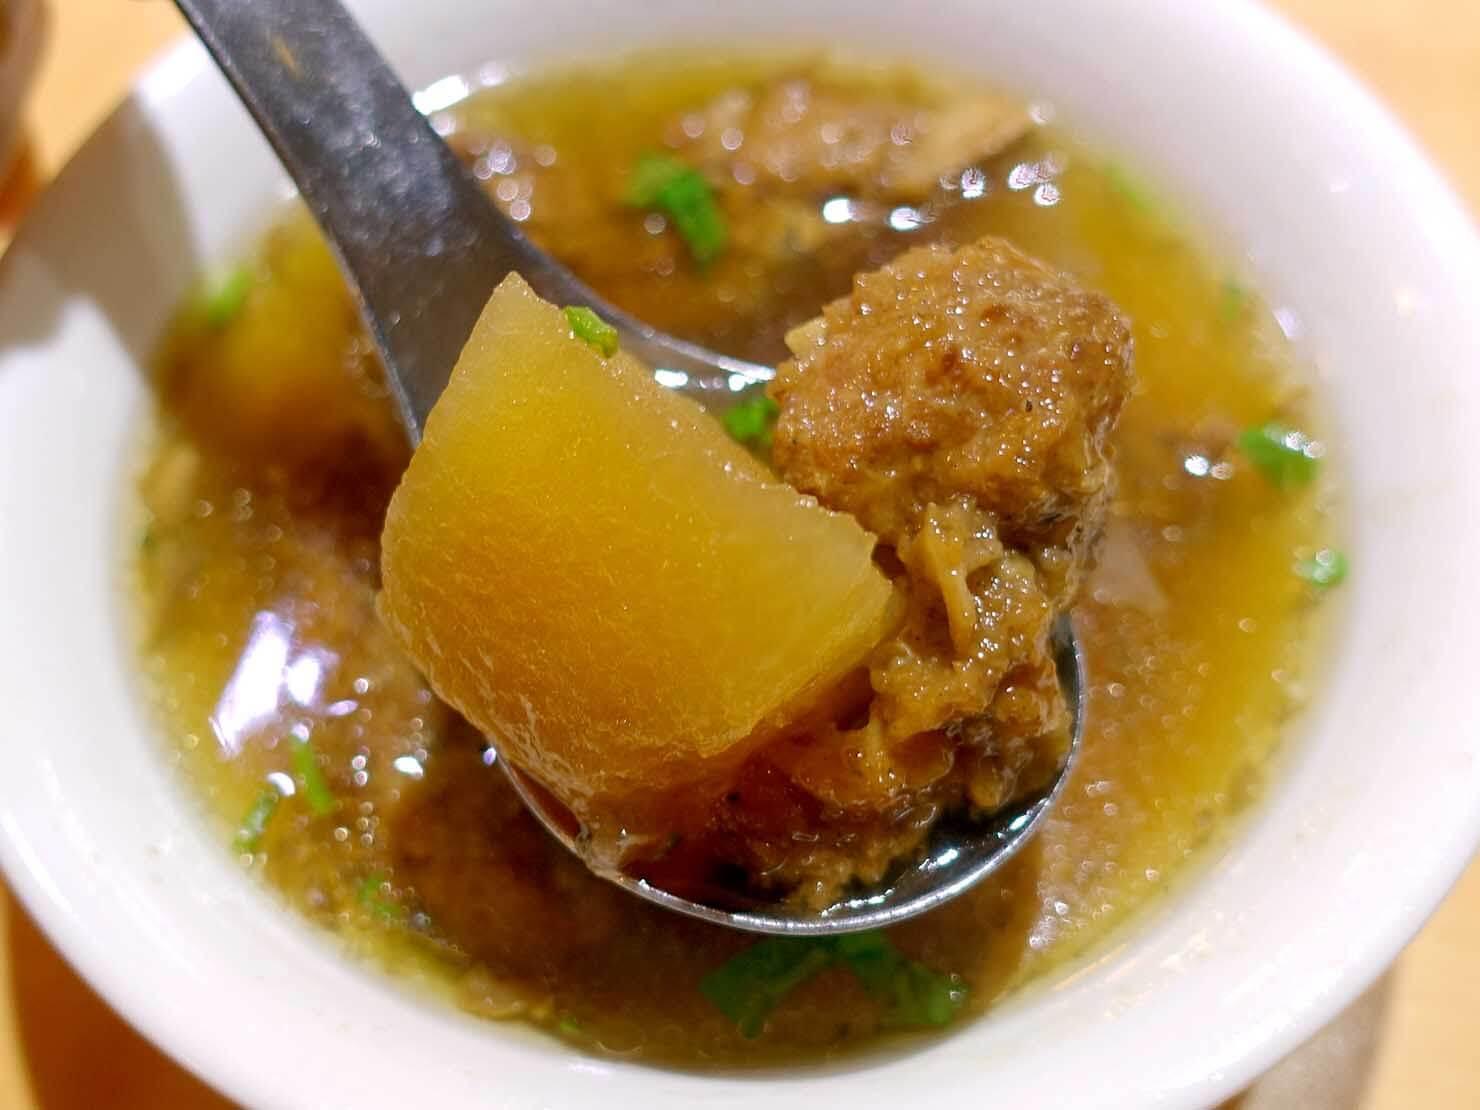 台北・公館夜市のおすすめグルメ店「魯肉・飯香」の排骨酥湯